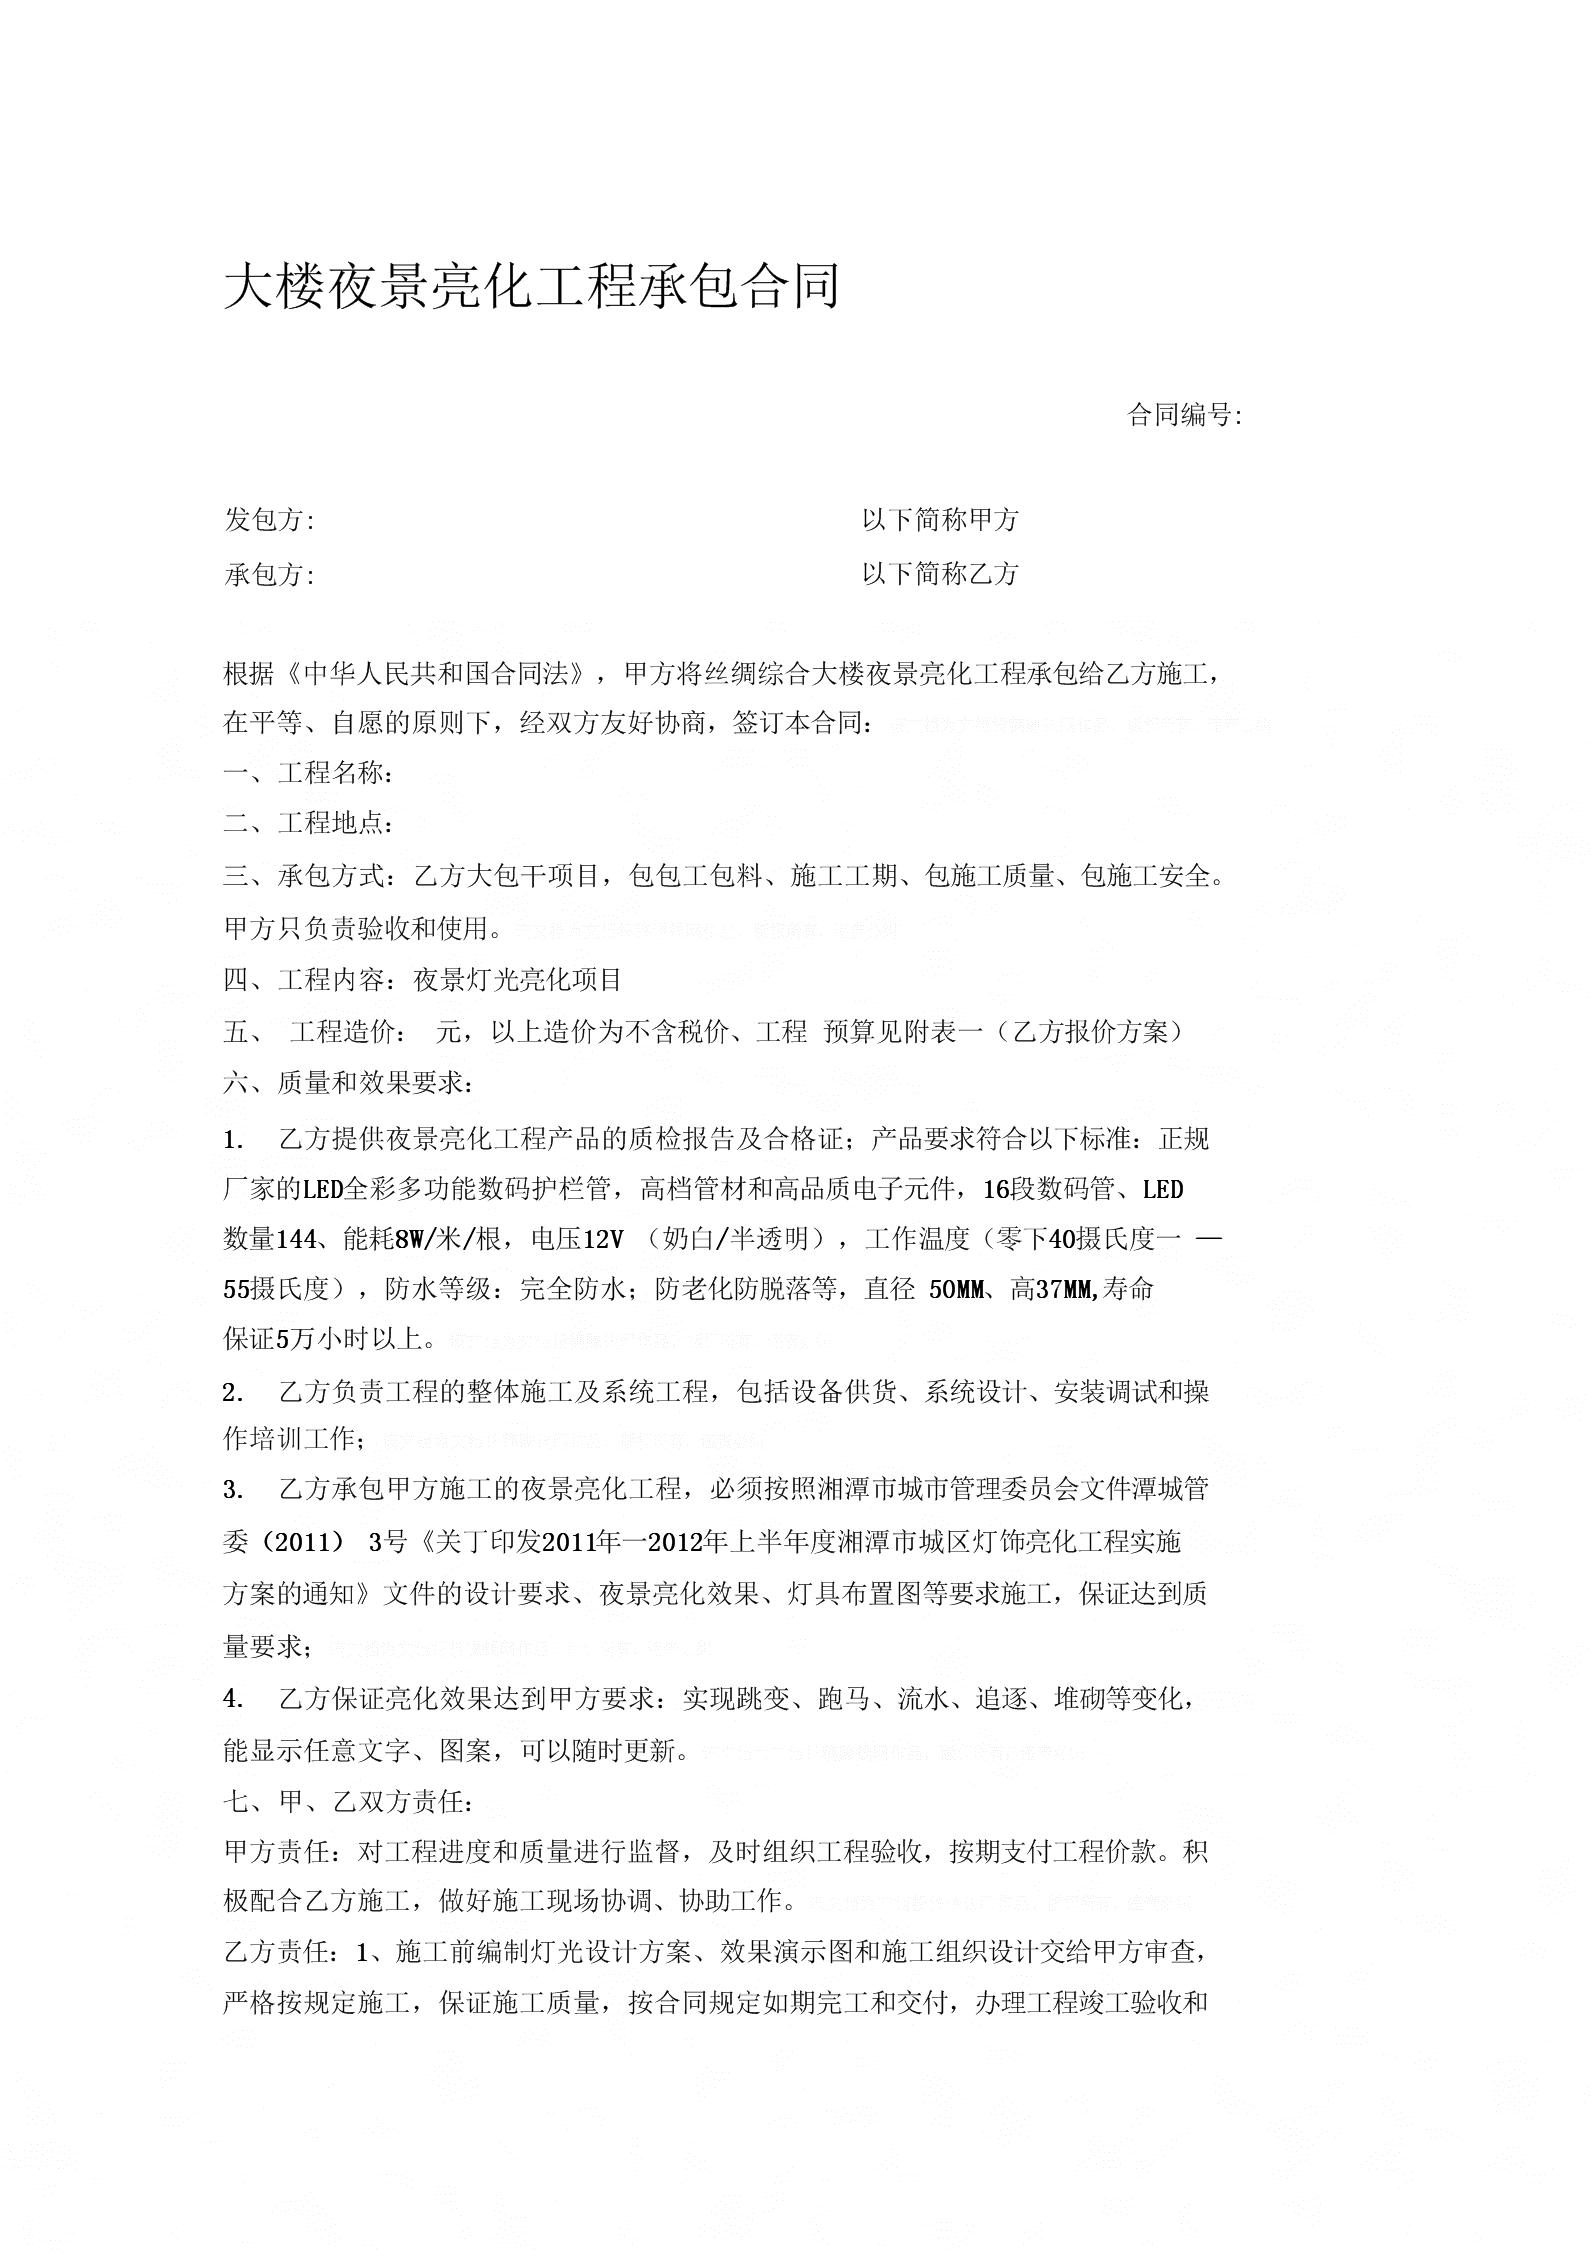 大楼夜景亮化工程施工承包合同_.docx